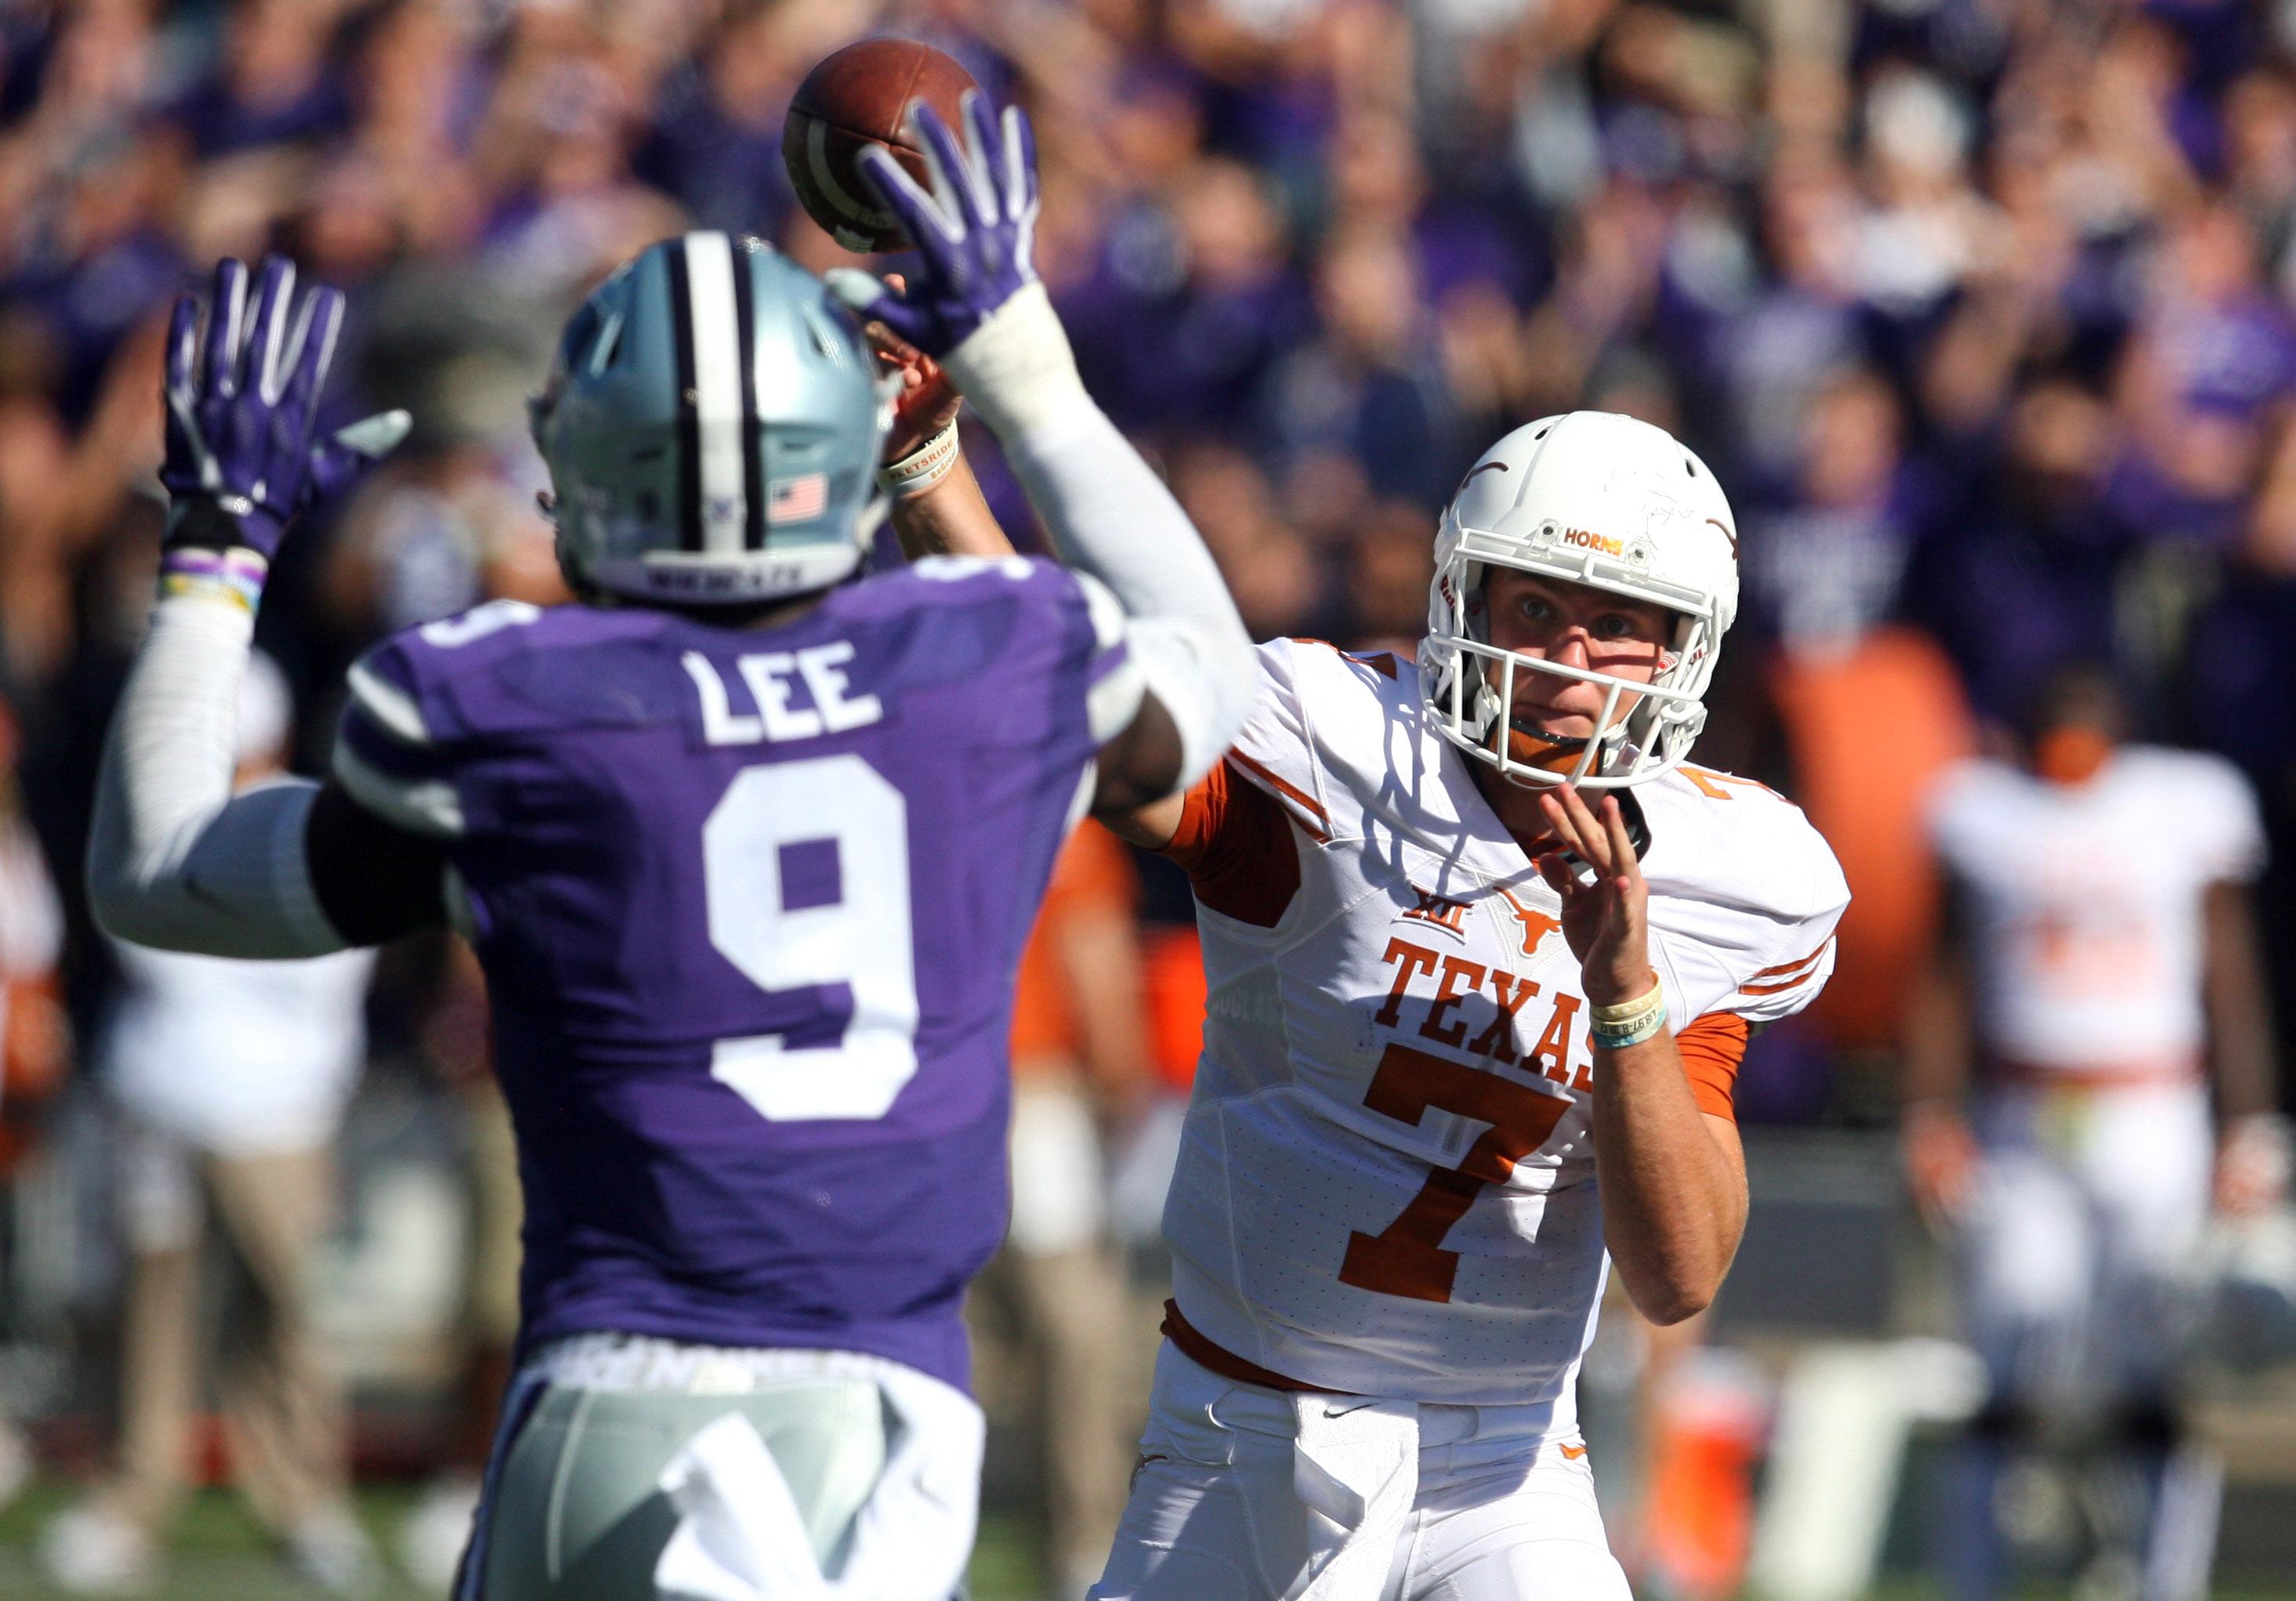 Lee drafted by Minnesota Vikings